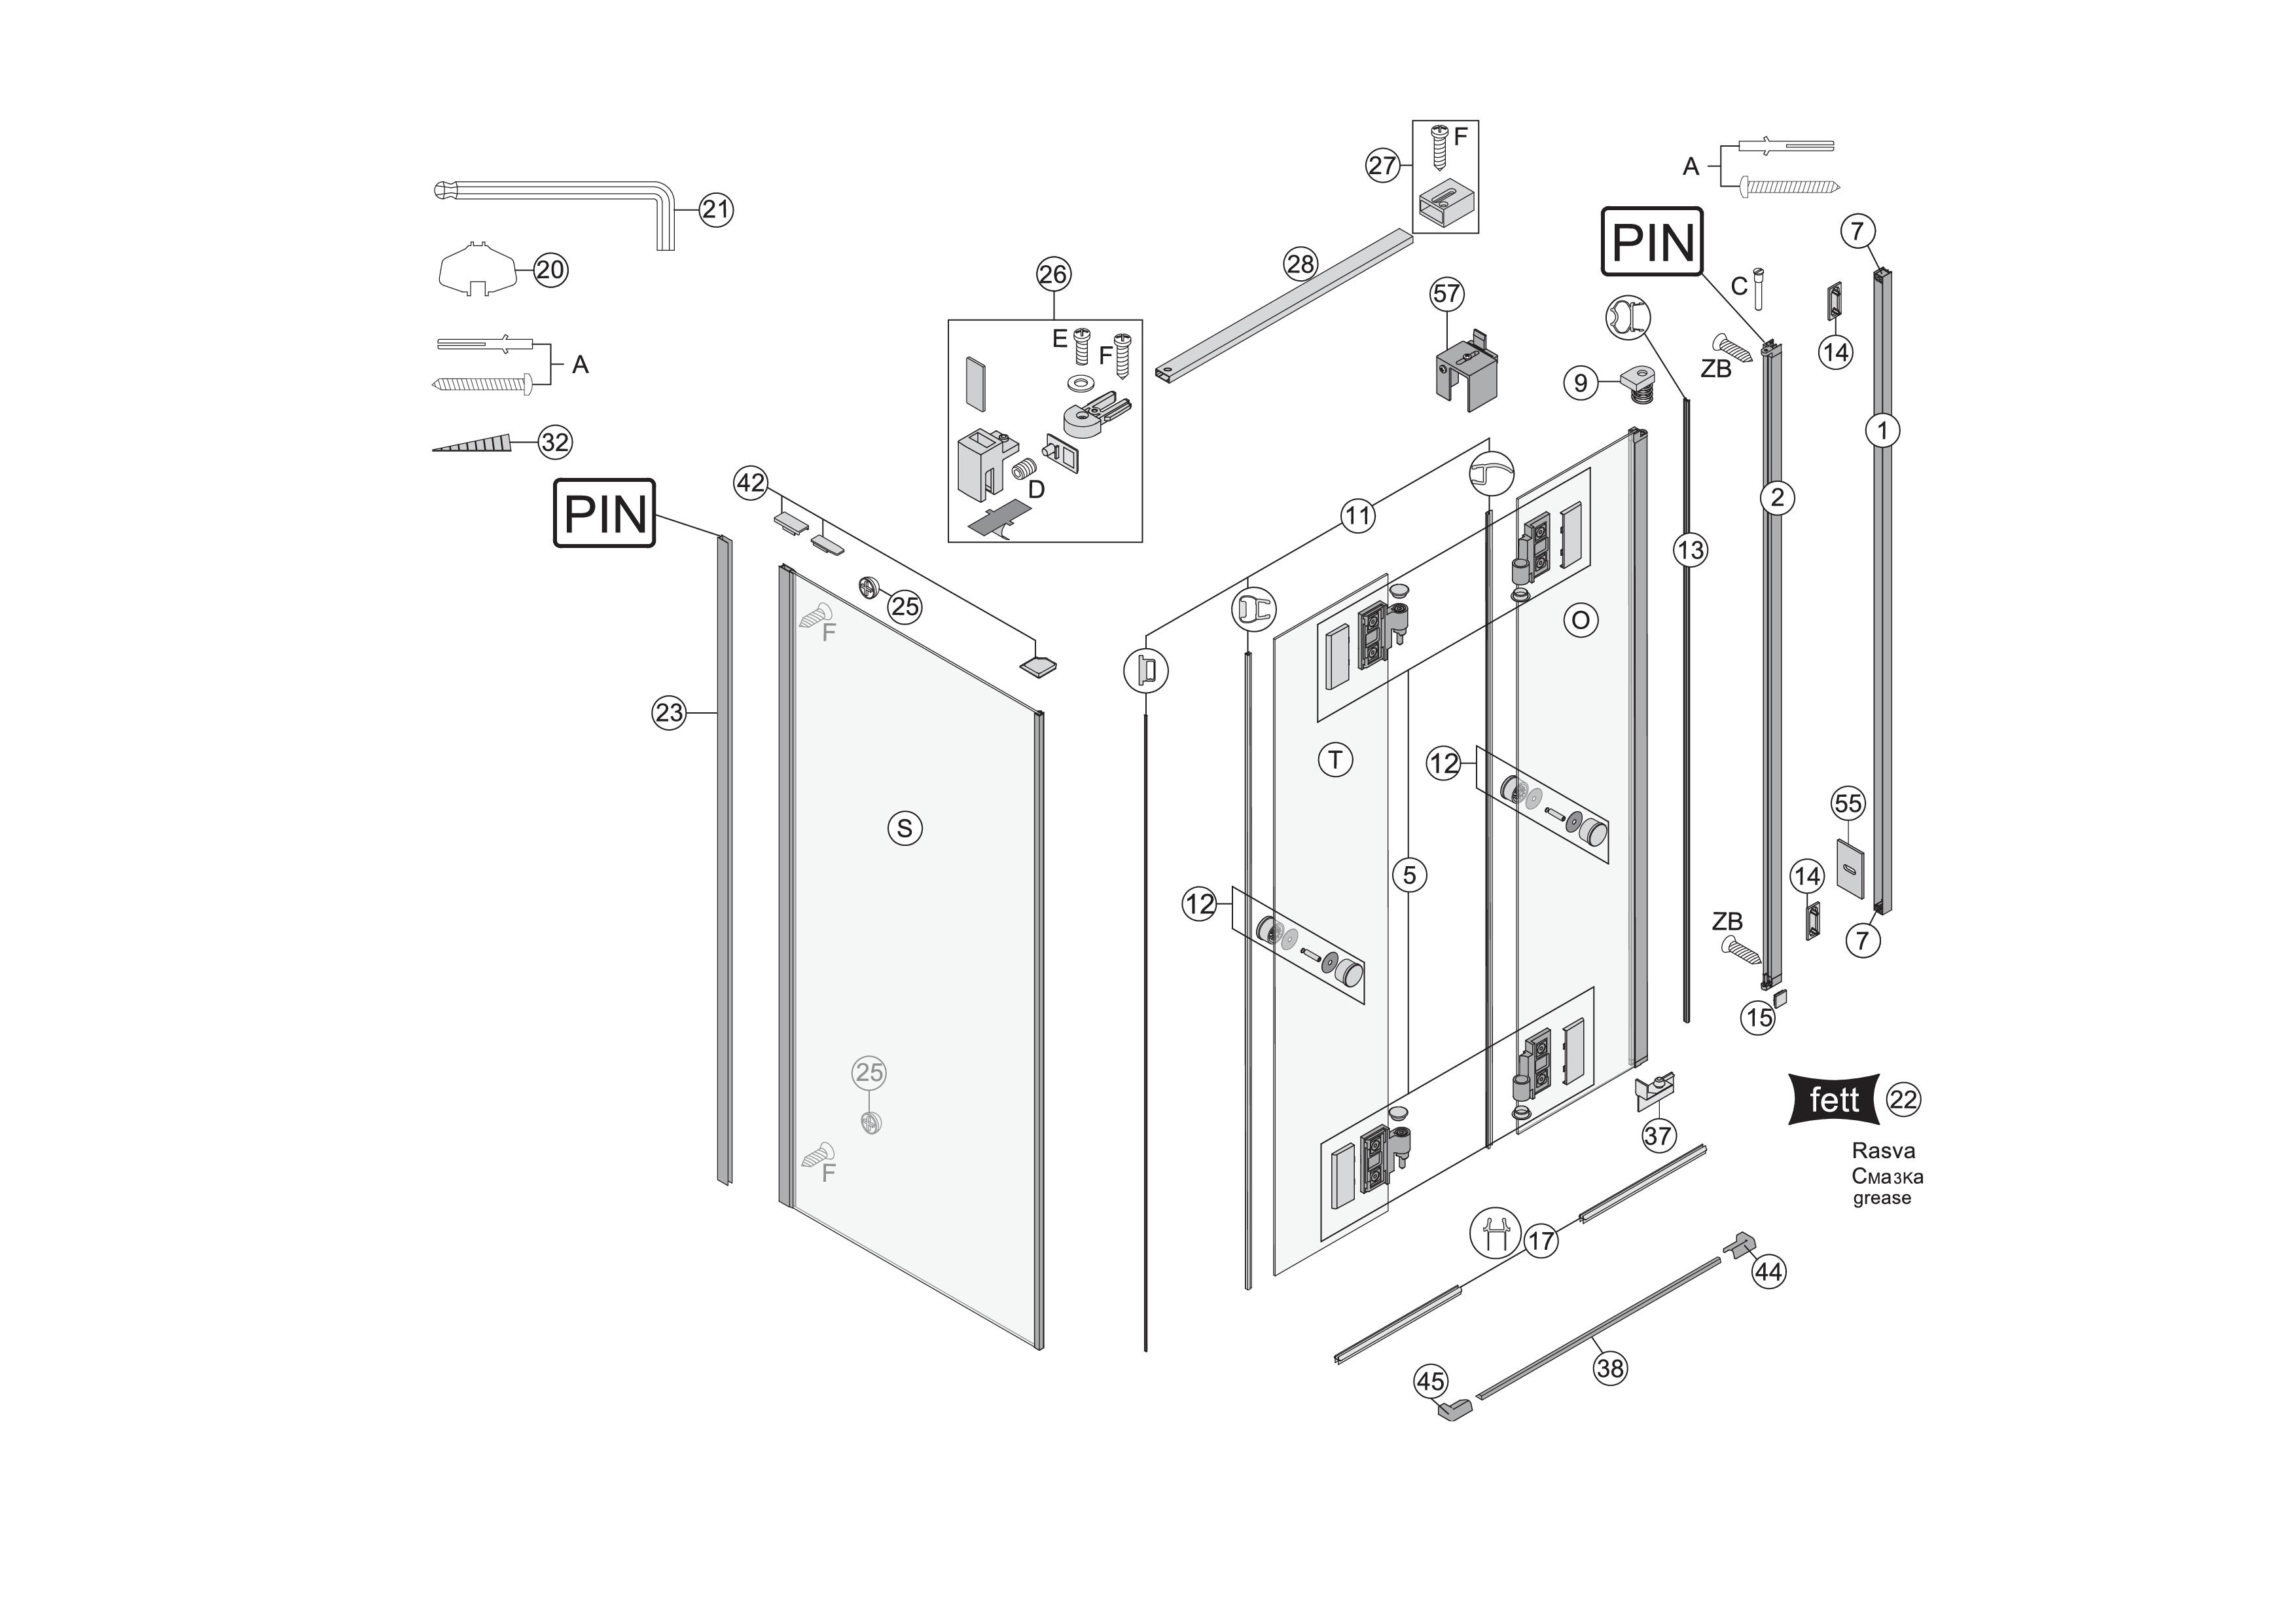 ersatzteile f r s400 faltt re 2 teilig in nische bekon. Black Bedroom Furniture Sets. Home Design Ideas